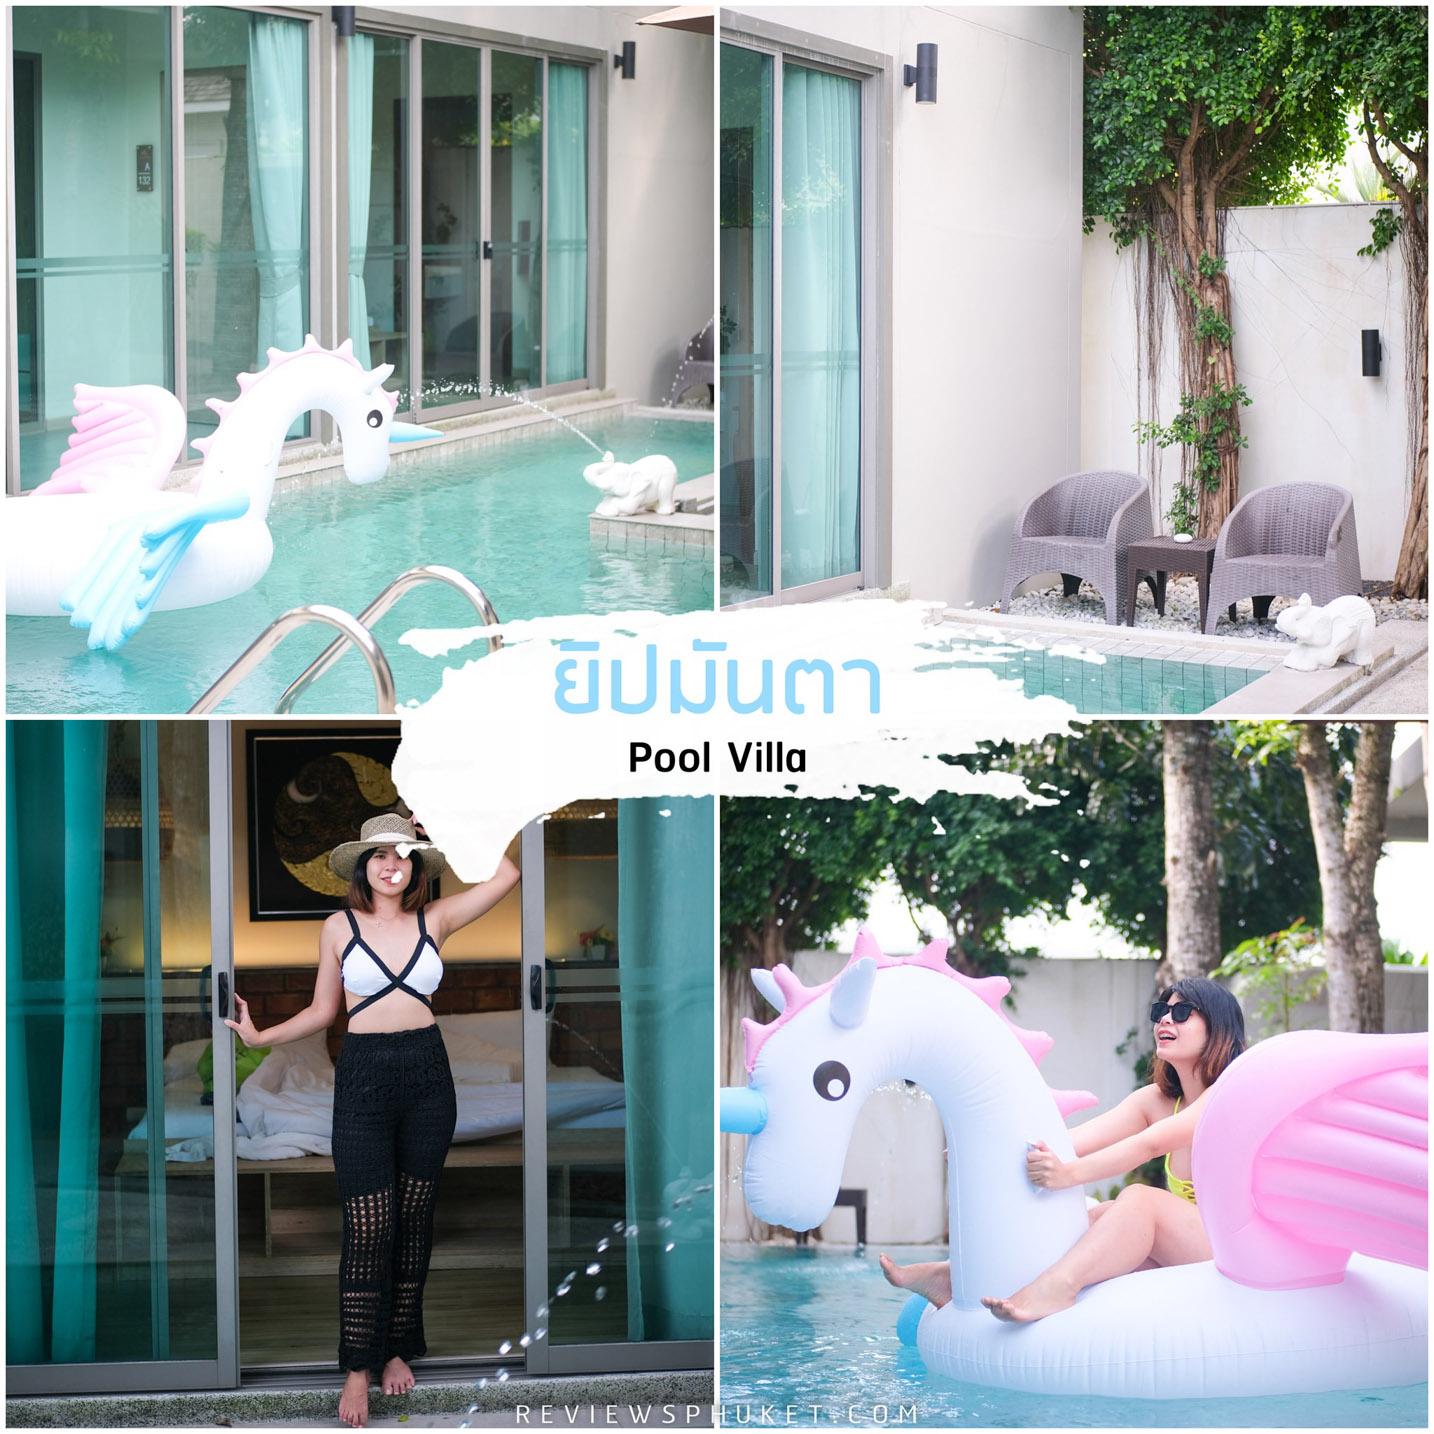 ยิบมันตา-พูลวิลล่า-ภูเก็ต -Yipmanta-Pool-Villa-Phuket-ที่พักพูลวิลล่าที่มาพร้อมห้องครัว-บอกเลยว่าสวยและส่วนตัวมวากก-สิ่งอำนวยความสะดวกเพิ่มเติมมี-สมาร์ททีวี-55-นิ้ว-----มีทีวีทุกห้อง-ทั้งหลัง----Free-Wi-Fi-กระจายสัญญาณทั่วๆ--ที่จอดรถสะดวกสบาย-ทั้งภายในวิลล่าและในโครงการ วิลล่าแต่ละหลังกว้างใหญ่--300---400-square.-- 4-ห้องน้ำ--มีอ่างอาบน้ำในตัวทุกห้อง-  ที่พักภูเก็ต,ที่พักหรู,วิวหลักล้าน,ริมทะเล,โรงแรม,รีสอร์ท,Phuket,หาดสวย,น้ำใส